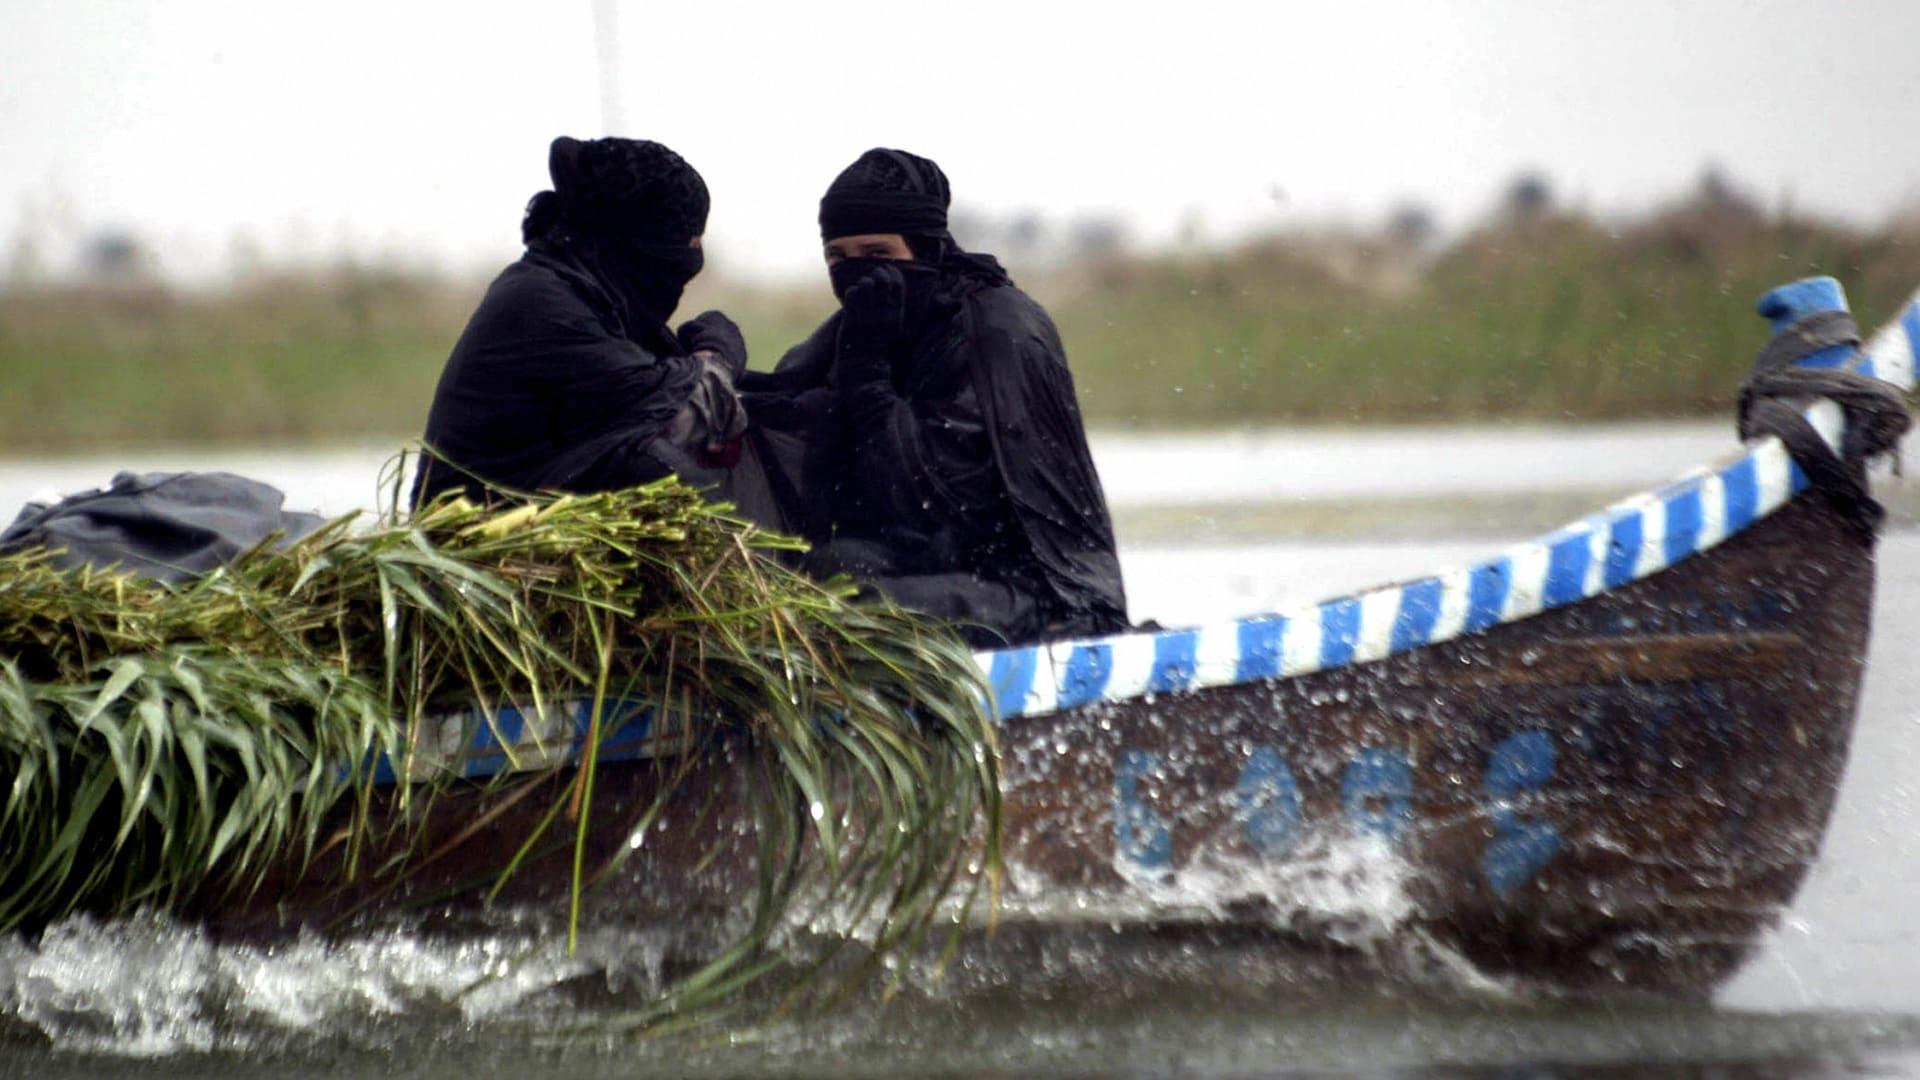 الخارجية العراقية عن شيخ كويتي أساء لنساء البصرة: سيعتذر بالصوت والصورة